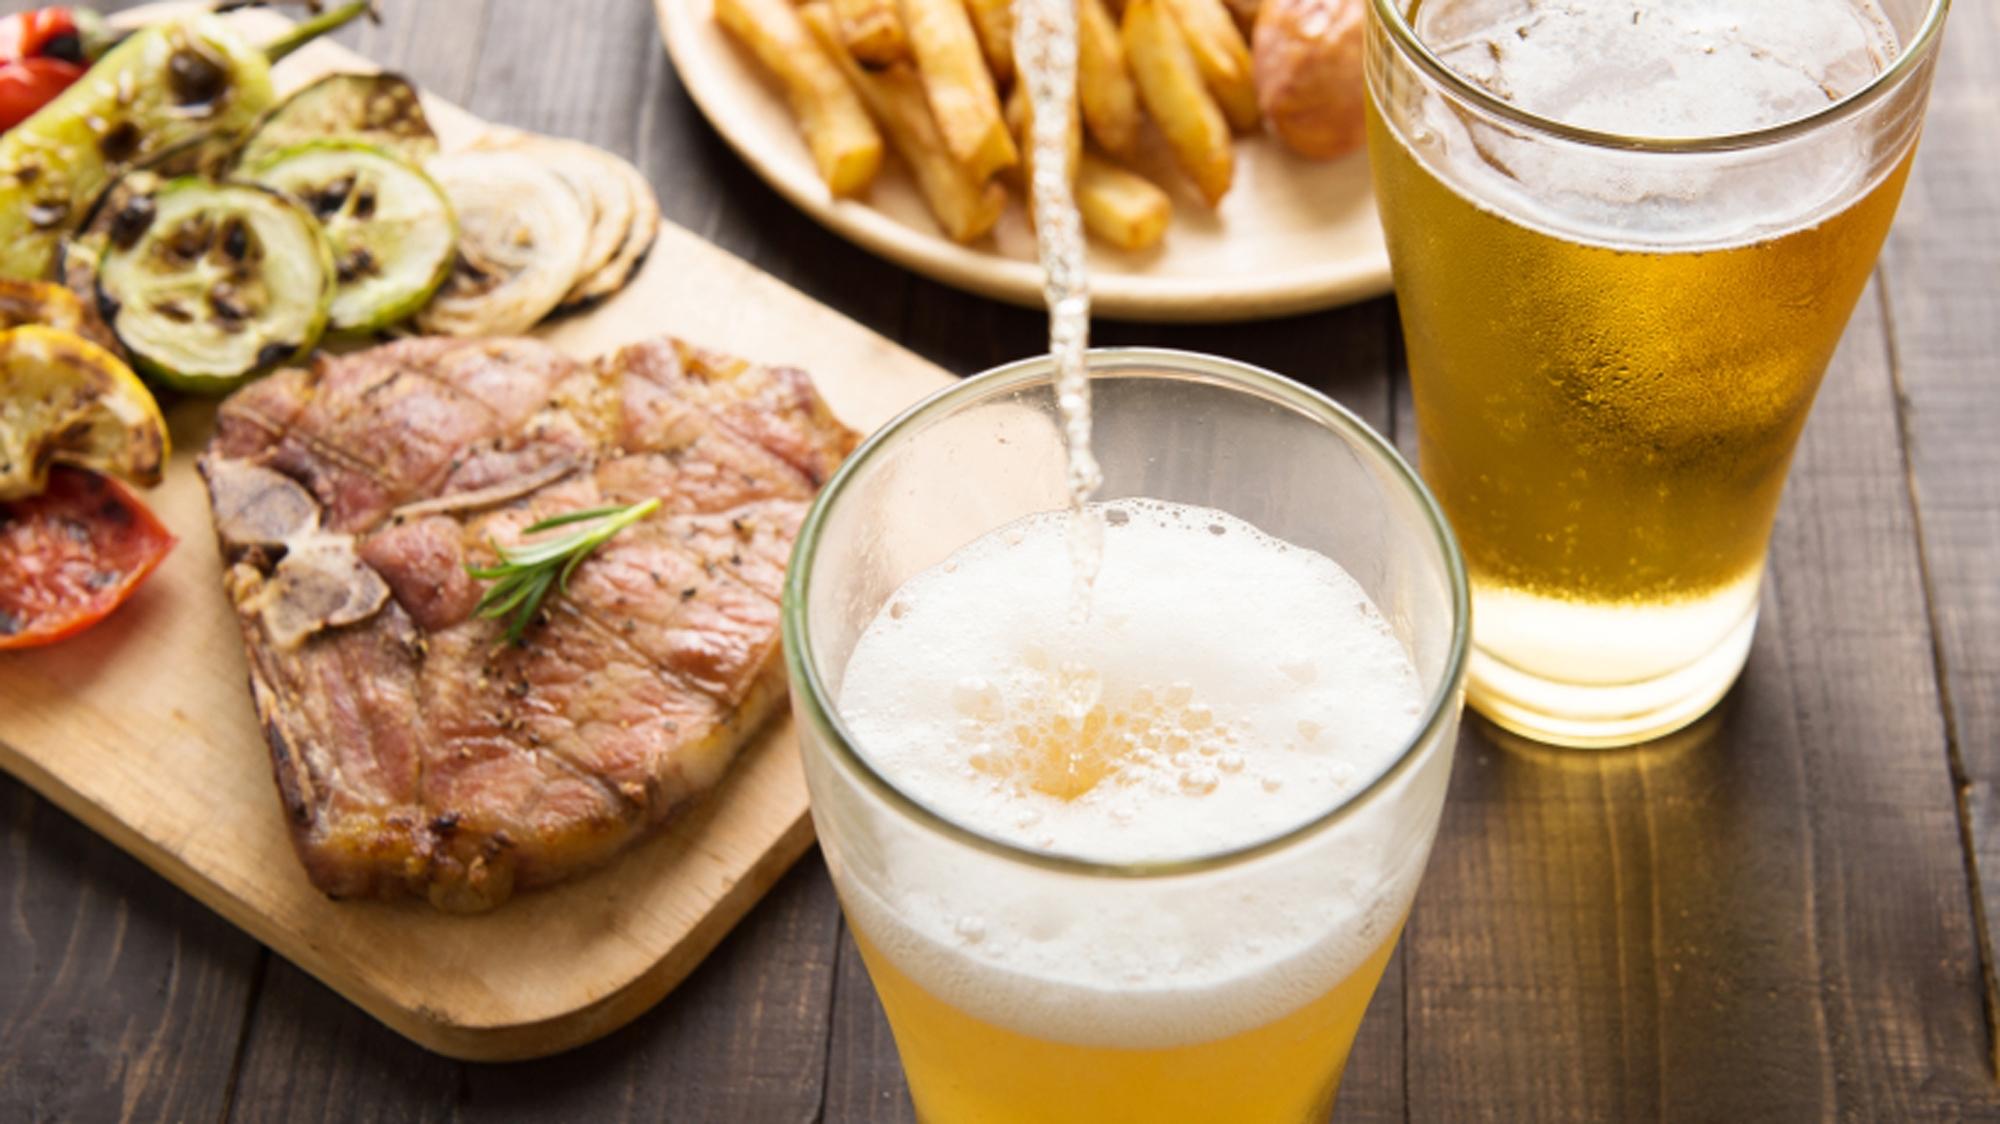 Beer strengthens bones